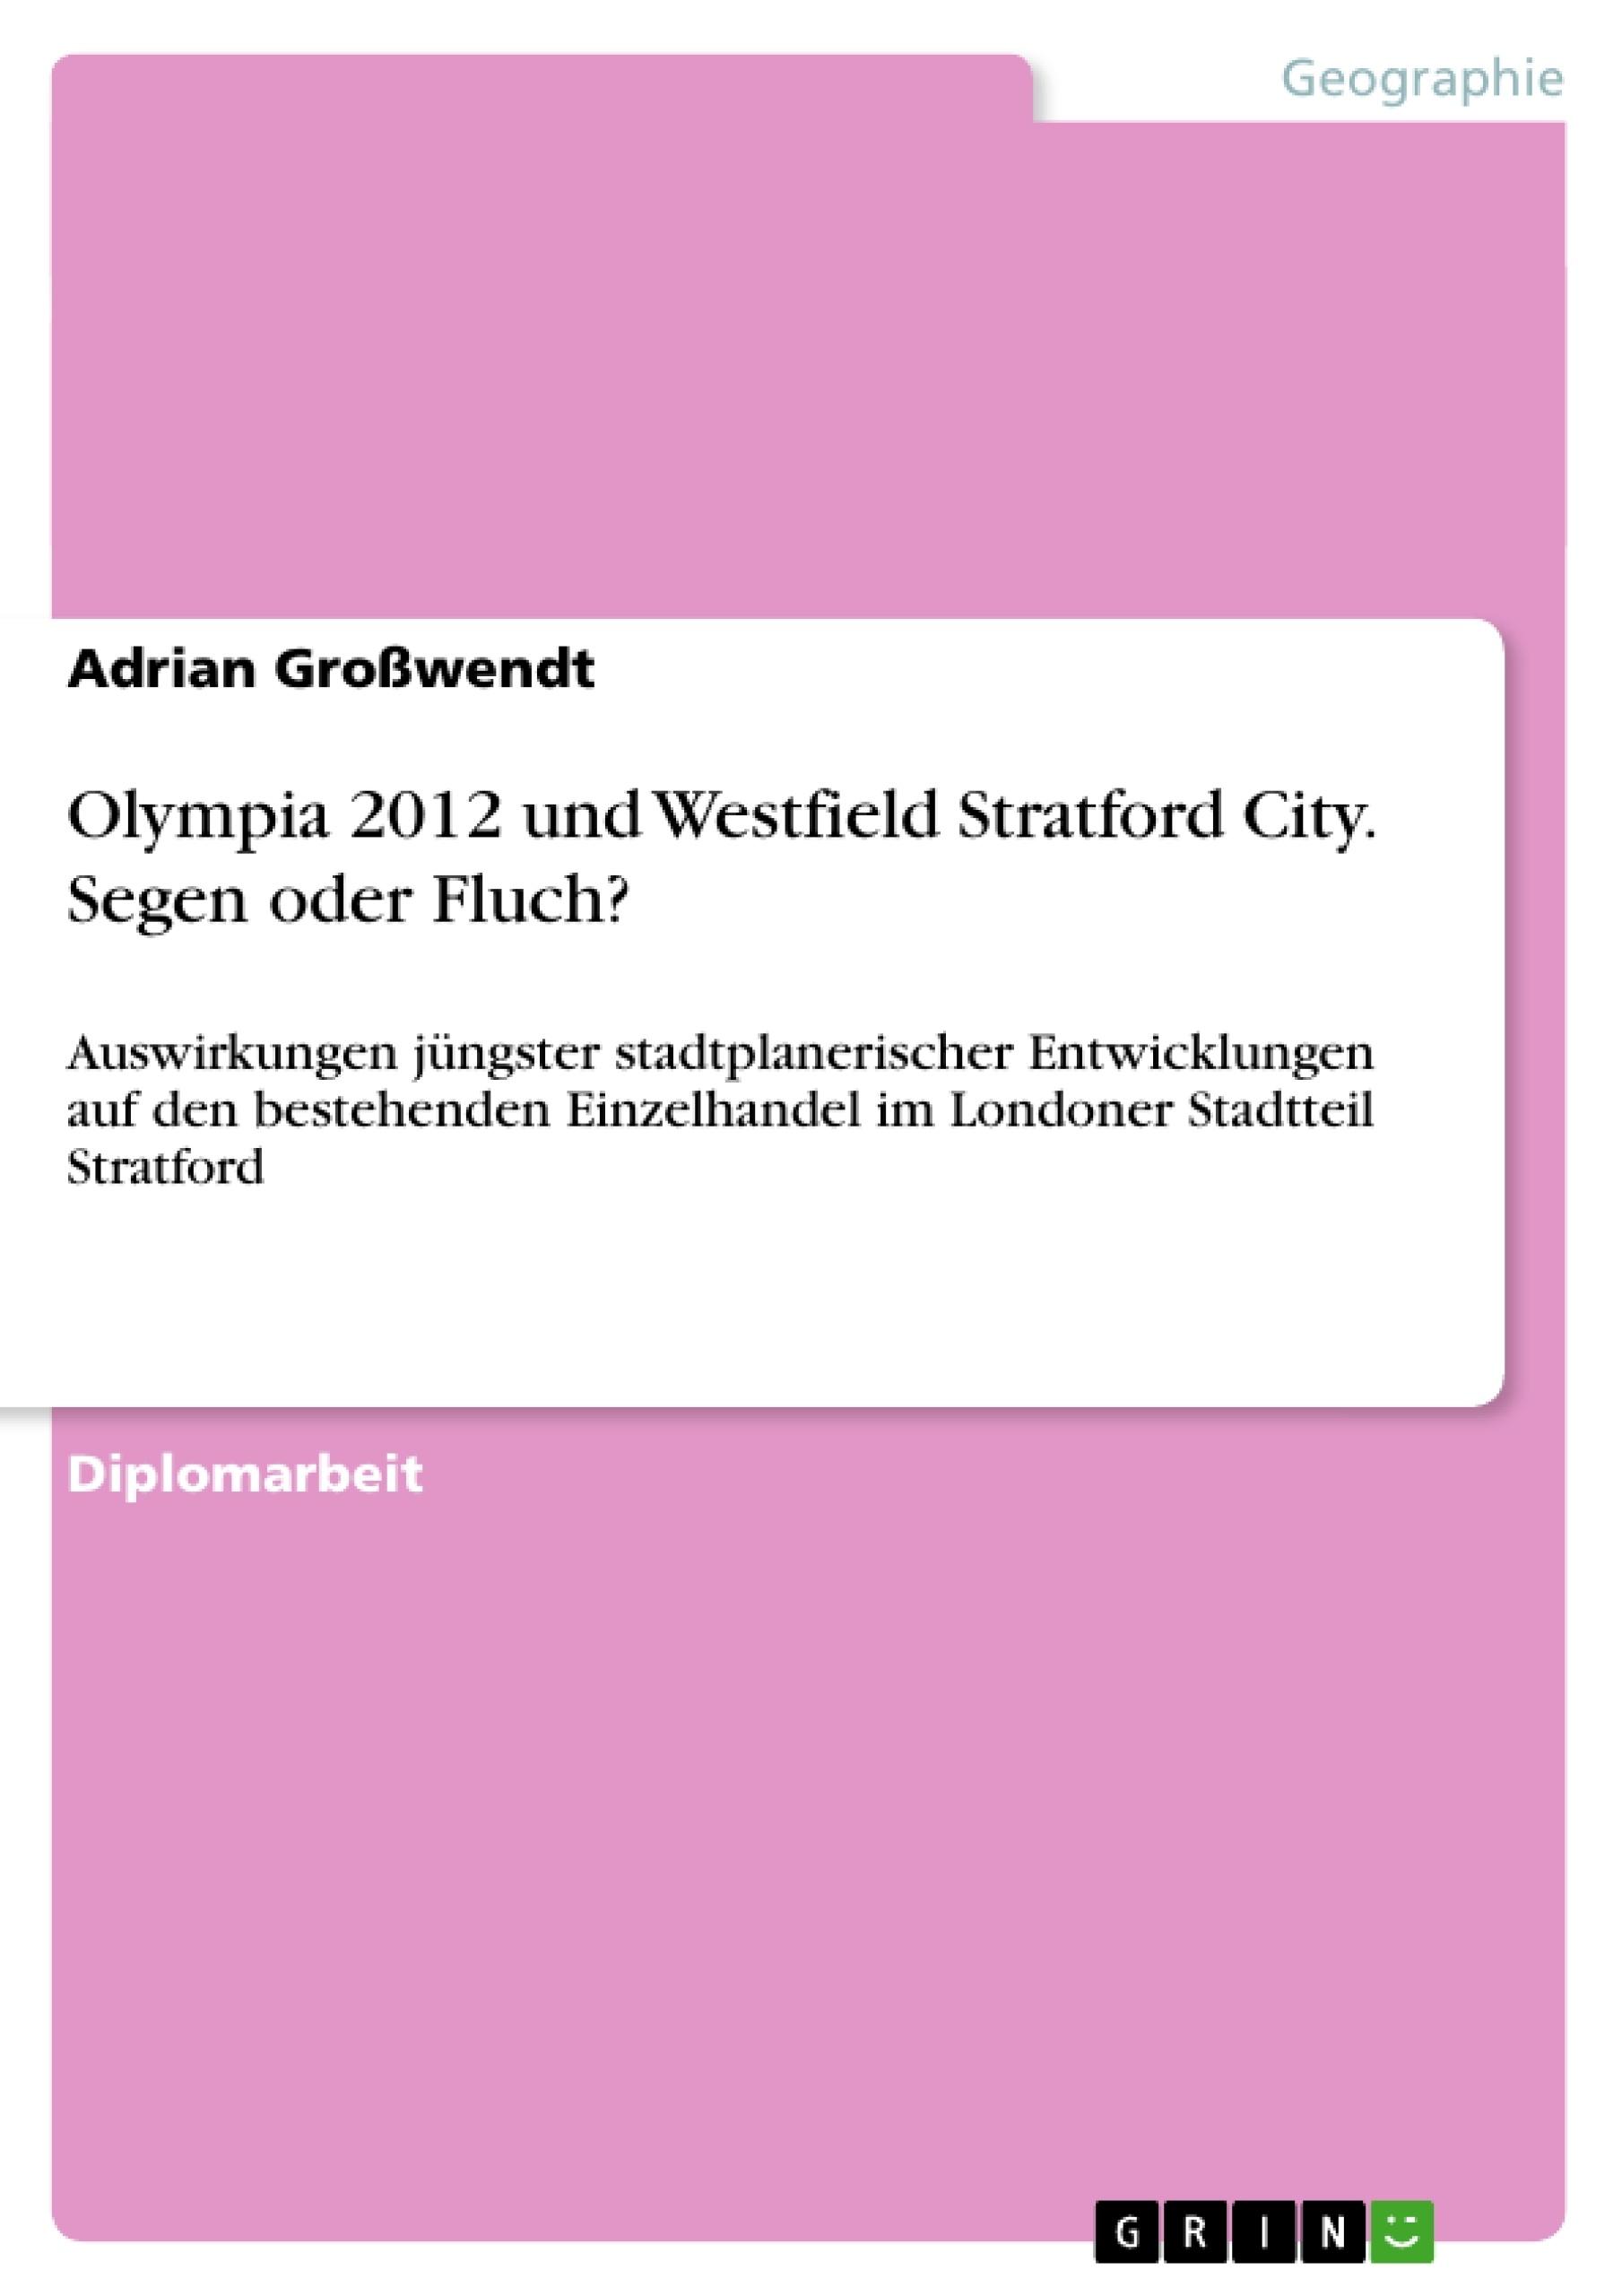 Titel: Olympia 2012 und Westfield Stratford City. Segen oder Fluch?